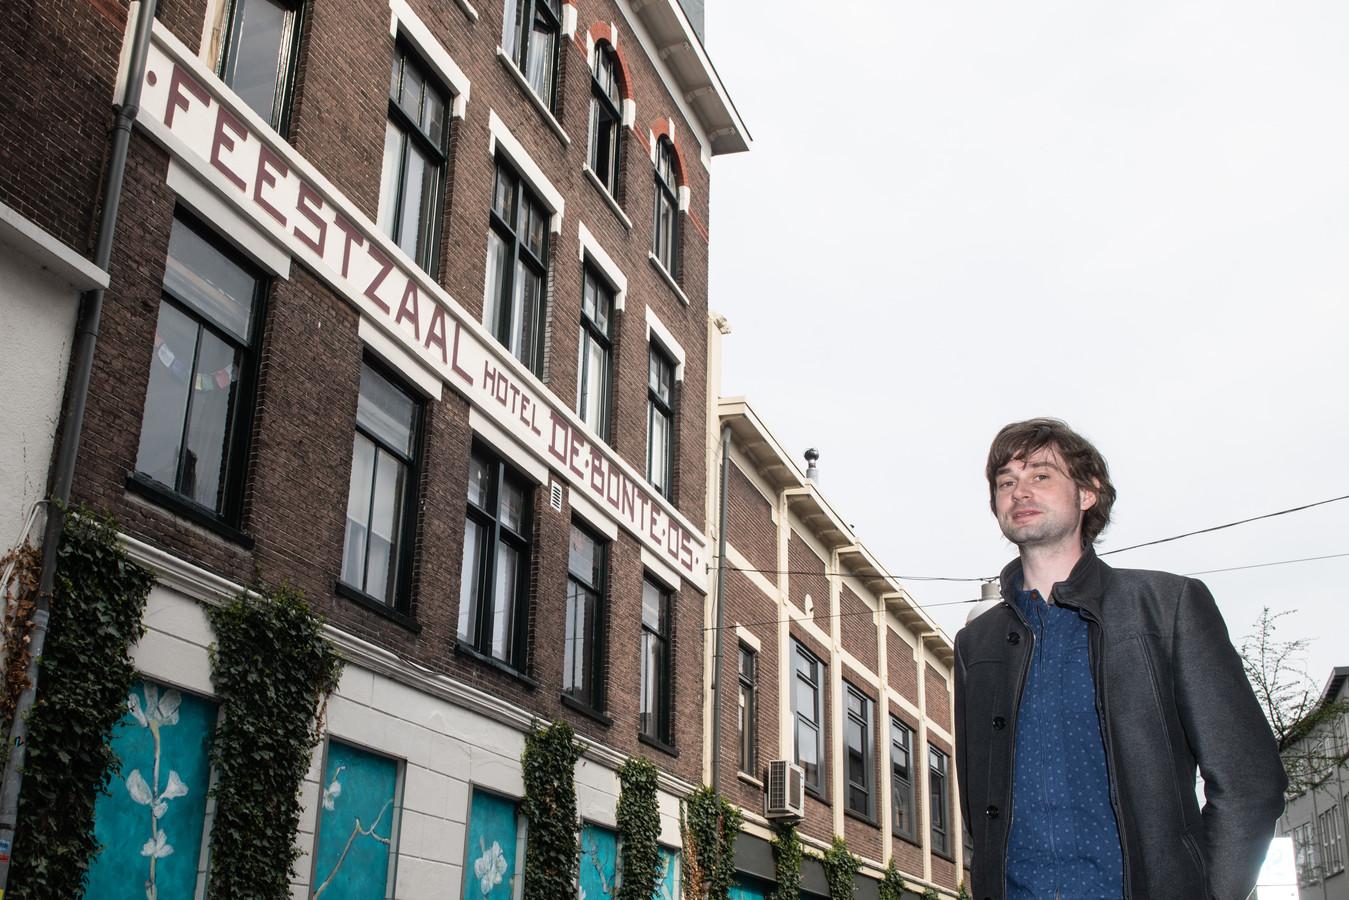 Historicus Lennert Savenije bij de gevel van het voormalige hotel en feestzaal De Bonte Os. Hier kwam het verzet in 1943 en 1944 vaak bijeen.